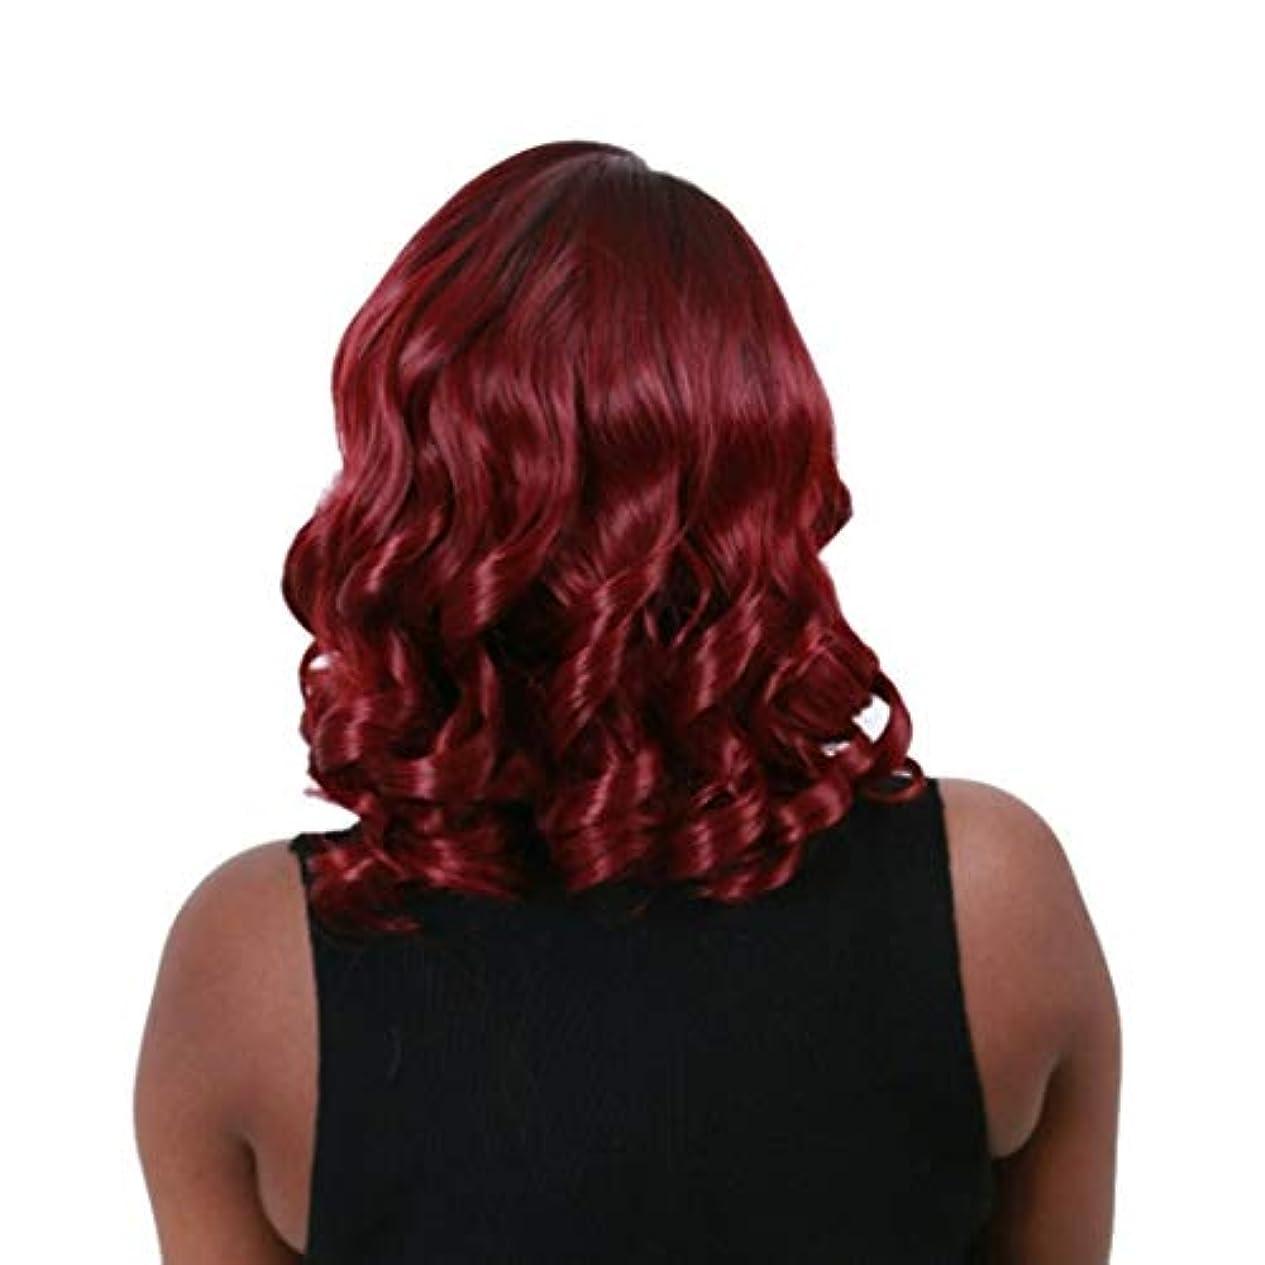 ウール入植者思い出すKerwinner かつら女性のための傾斜前髪ショートカーリーヘアーワインレッド高温シルクウィッグ